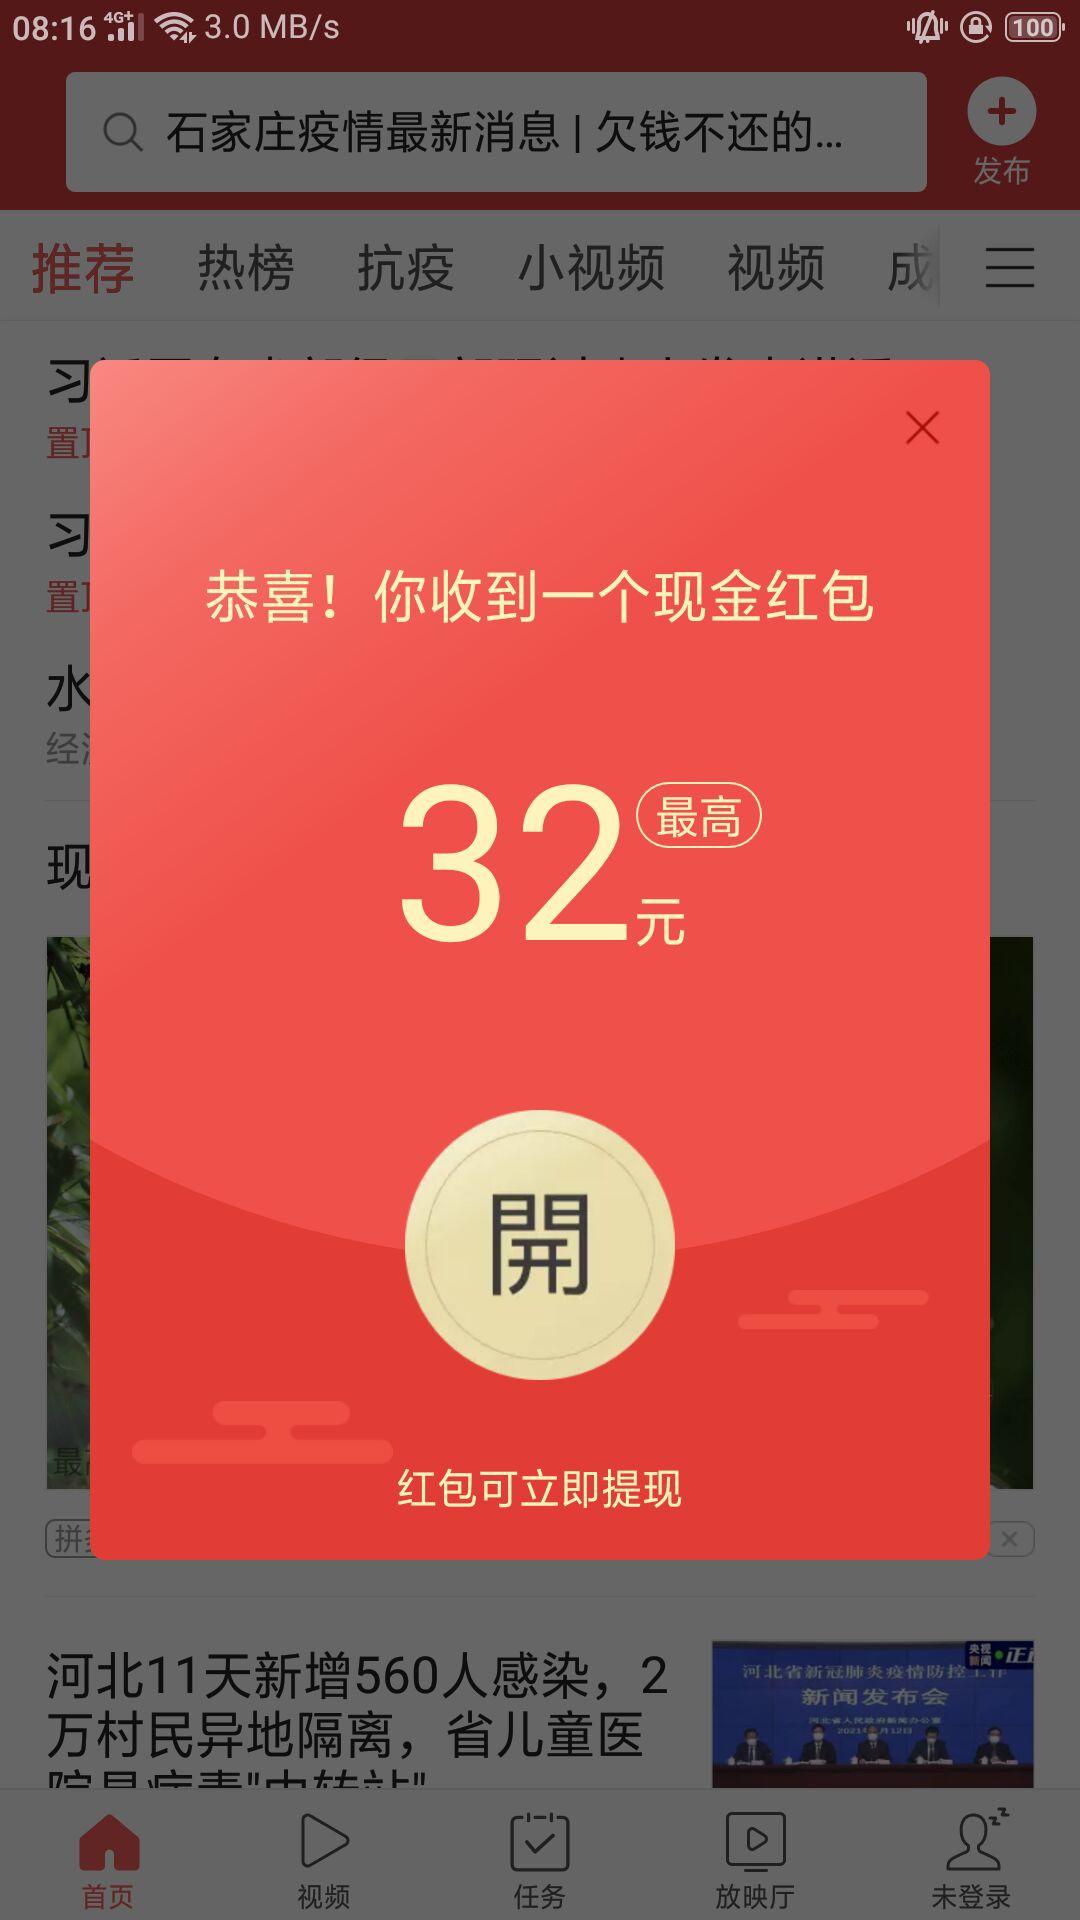 图片[1]-【现金红包】今日头条出新活动啦-飞享资源网